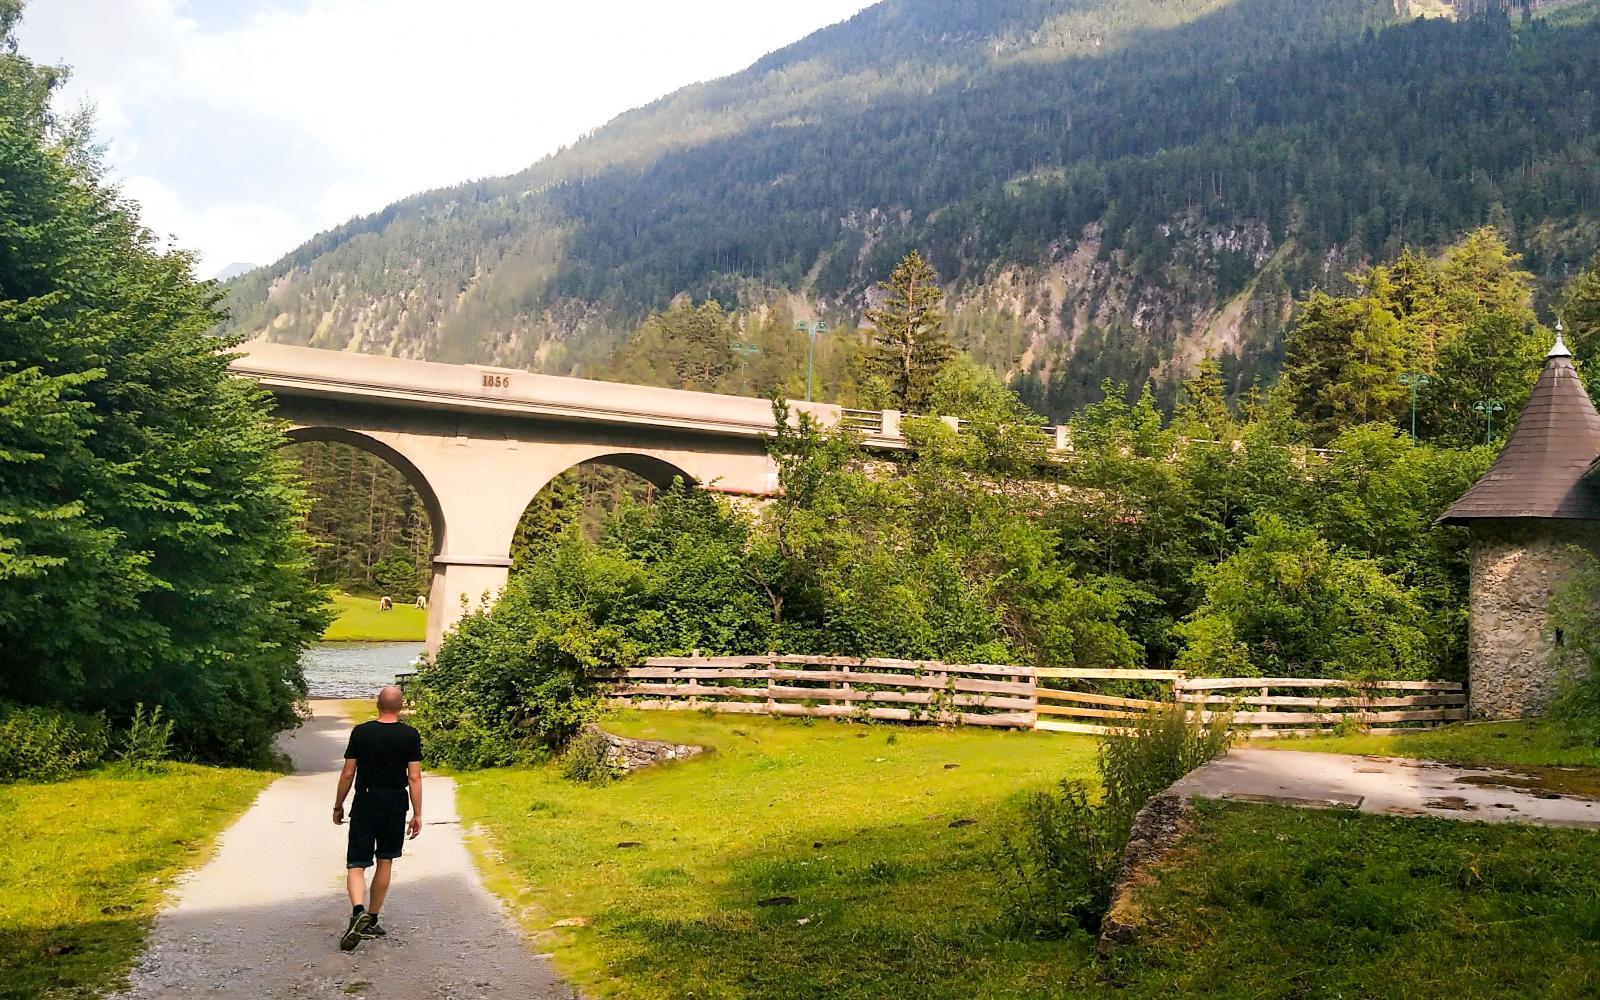 Från campingen finns en gångväg under huvudvägen till de kristallklara sjöarna. Dykardröm 970 meter över havet.